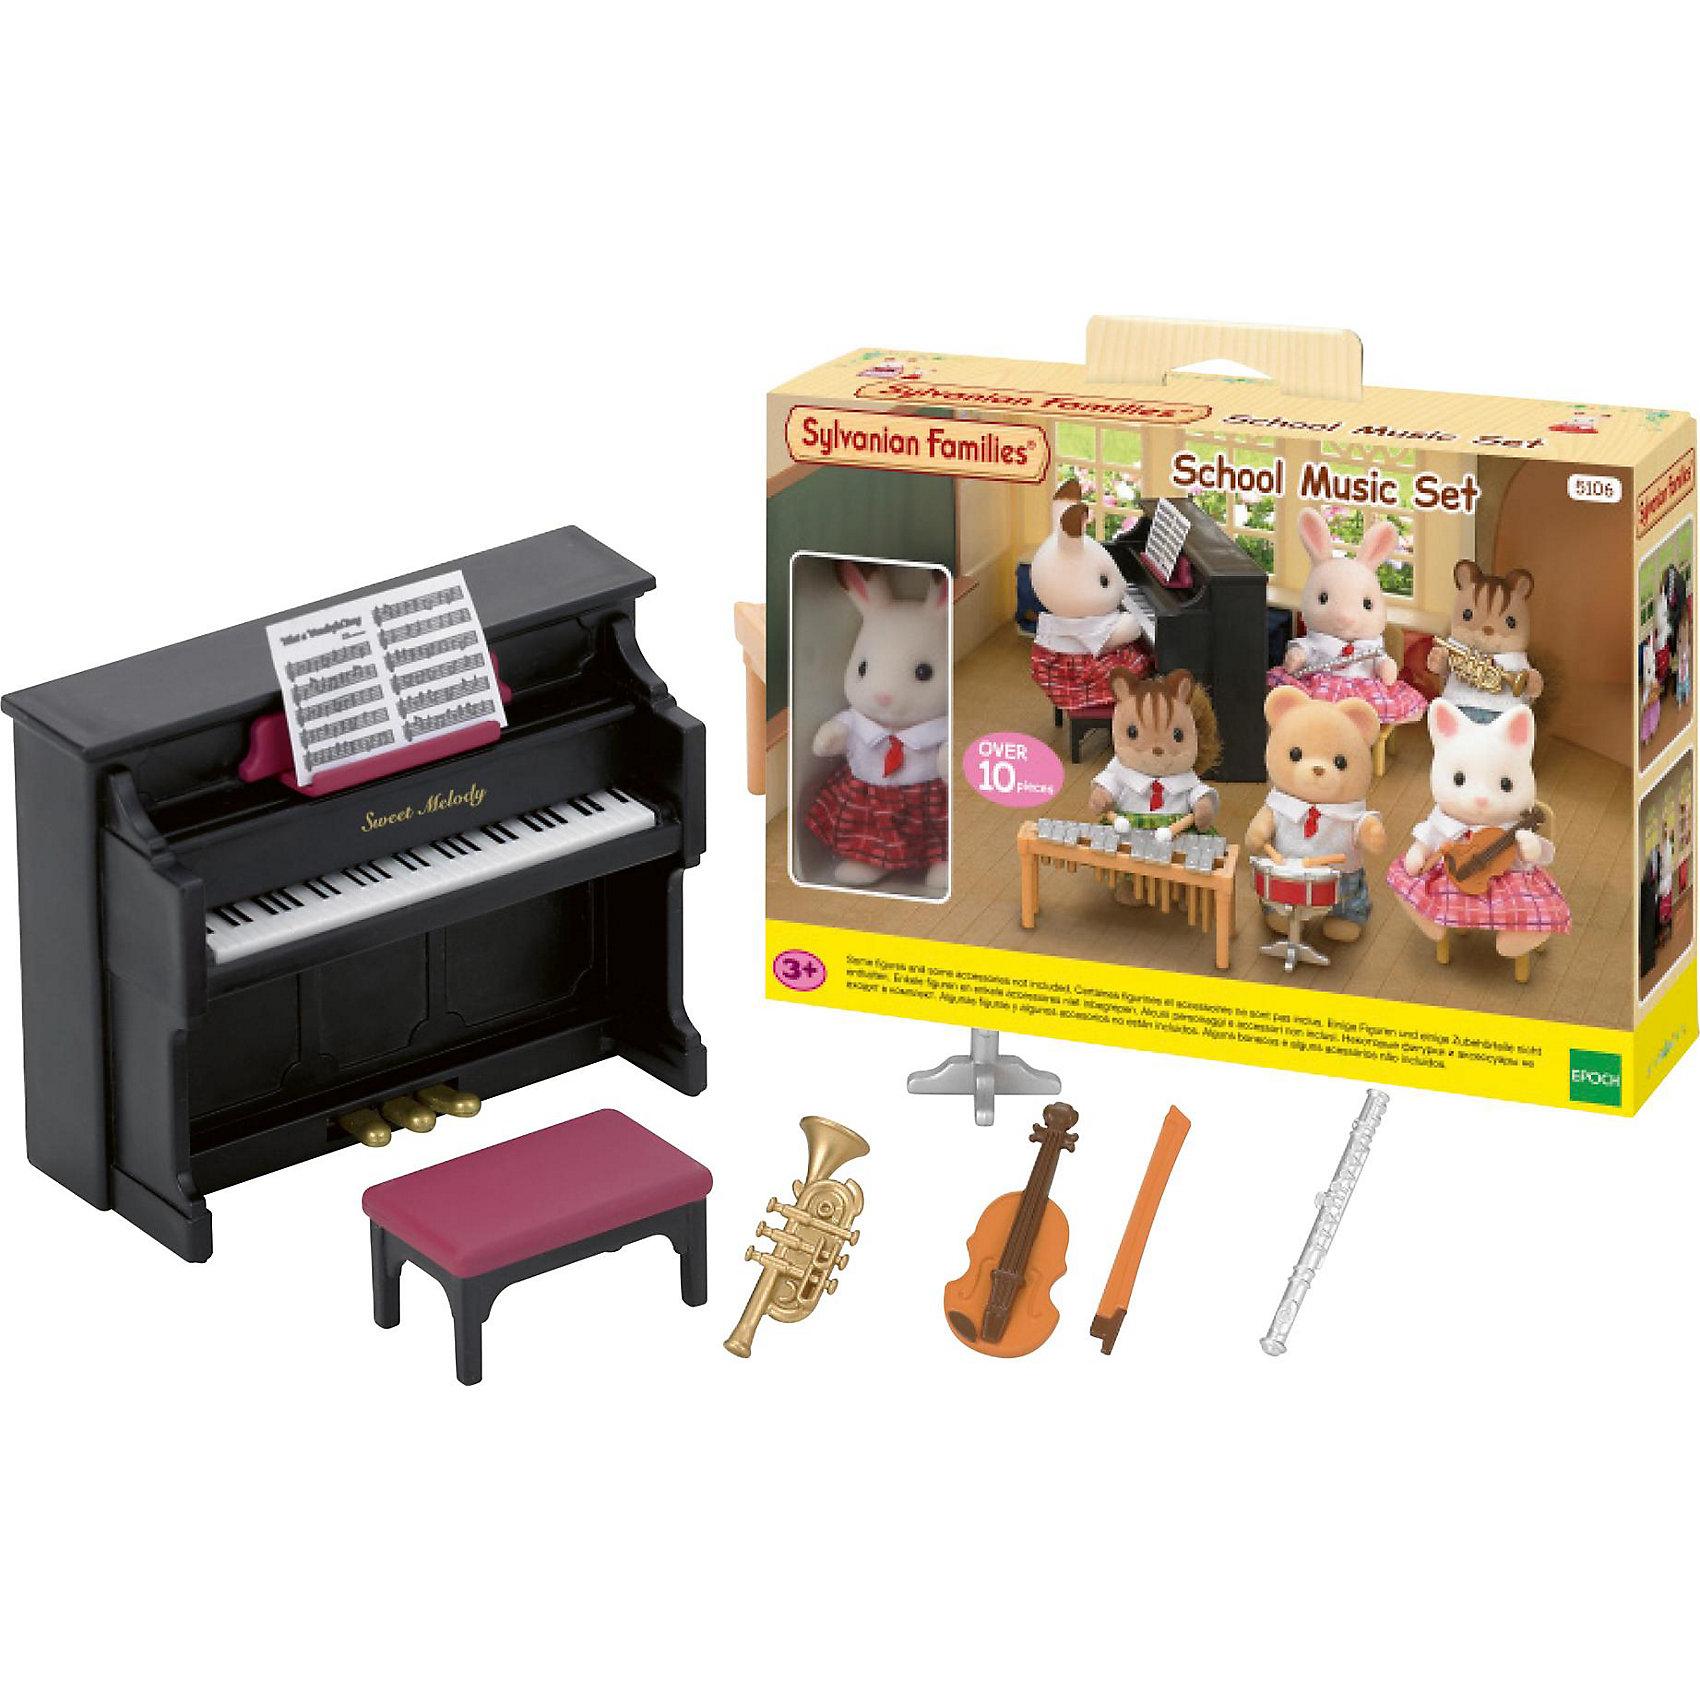 Набор Школьный оркестр, Sylvanian FamiliesSylvanian Families<br>Sylvanian Families (Сильваниан Фэмилис) - целый мир, в котором живут маленькие милые зверята -  кролики, белки, медведи, лисы и многие другие. У каждого из них есть дом. Зверята репетируют в школьном оркестре, ты можешь стать дирижером, скорее присоединяйся! Игрушка прекрасно подходит для сюжетно-ролевых игр детей, развивает социальные навыки, мелкую моторику и воображение. Способствует правильному формированию образца полной семьи. Все детали набора выполнены их высококачественных, нетоксичных безопасных материалов. <br><br>Дополнительная информация:<br><br>- Комплектация: фигурка кролика Марии, фортепиано, пуфик, барабан, труба, скрипка со смычком, флейта, ноты.<br>- Материал: пластик, текстиль, флок.<br>- Голова и лапки игрушек поворачиваются.<br>- Размер упаковки: 64х3,8х50 см.<br><br>Набор Школьный оркестр, Sylvanian Families (Сильваниан Фэмилис), можно купить в нашем магазине.<br><br>Ширина мм: 640<br>Глубина мм: 380<br>Высота мм: 500<br>Вес г: 253<br>Возраст от месяцев: 36<br>Возраст до месяцев: 72<br>Пол: Женский<br>Возраст: Детский<br>SKU: 4177948